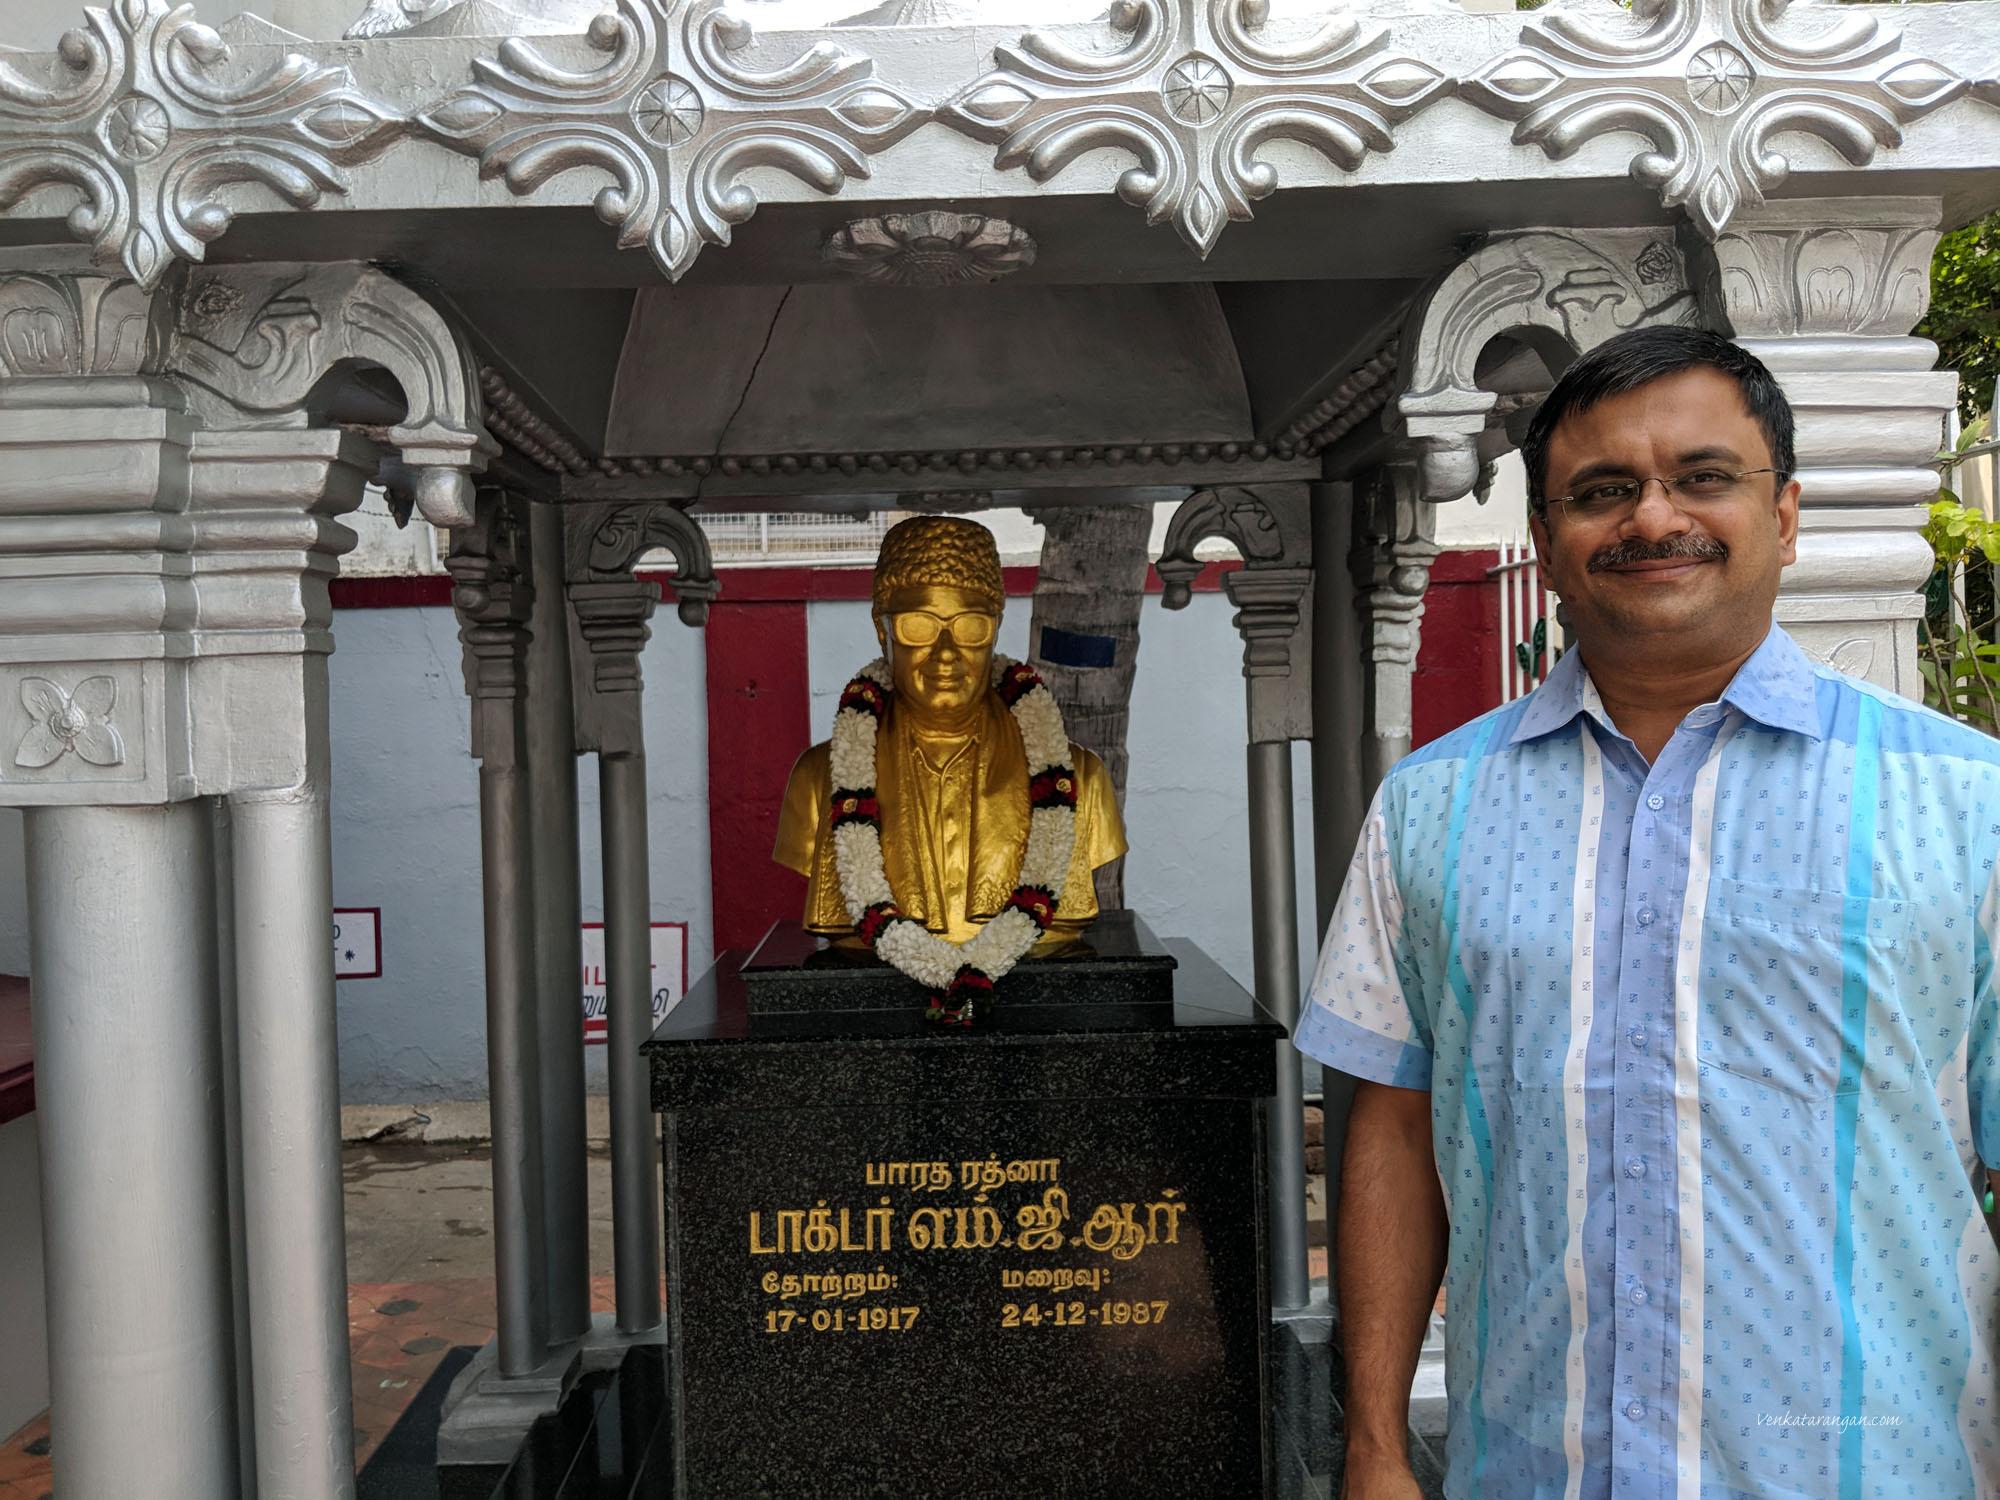 பாரத ரத்னா டாக்டர் எம்.ஜி.ஆர் சிலை அருகே  தி.ந.ச.வெங்கடரங்கன்